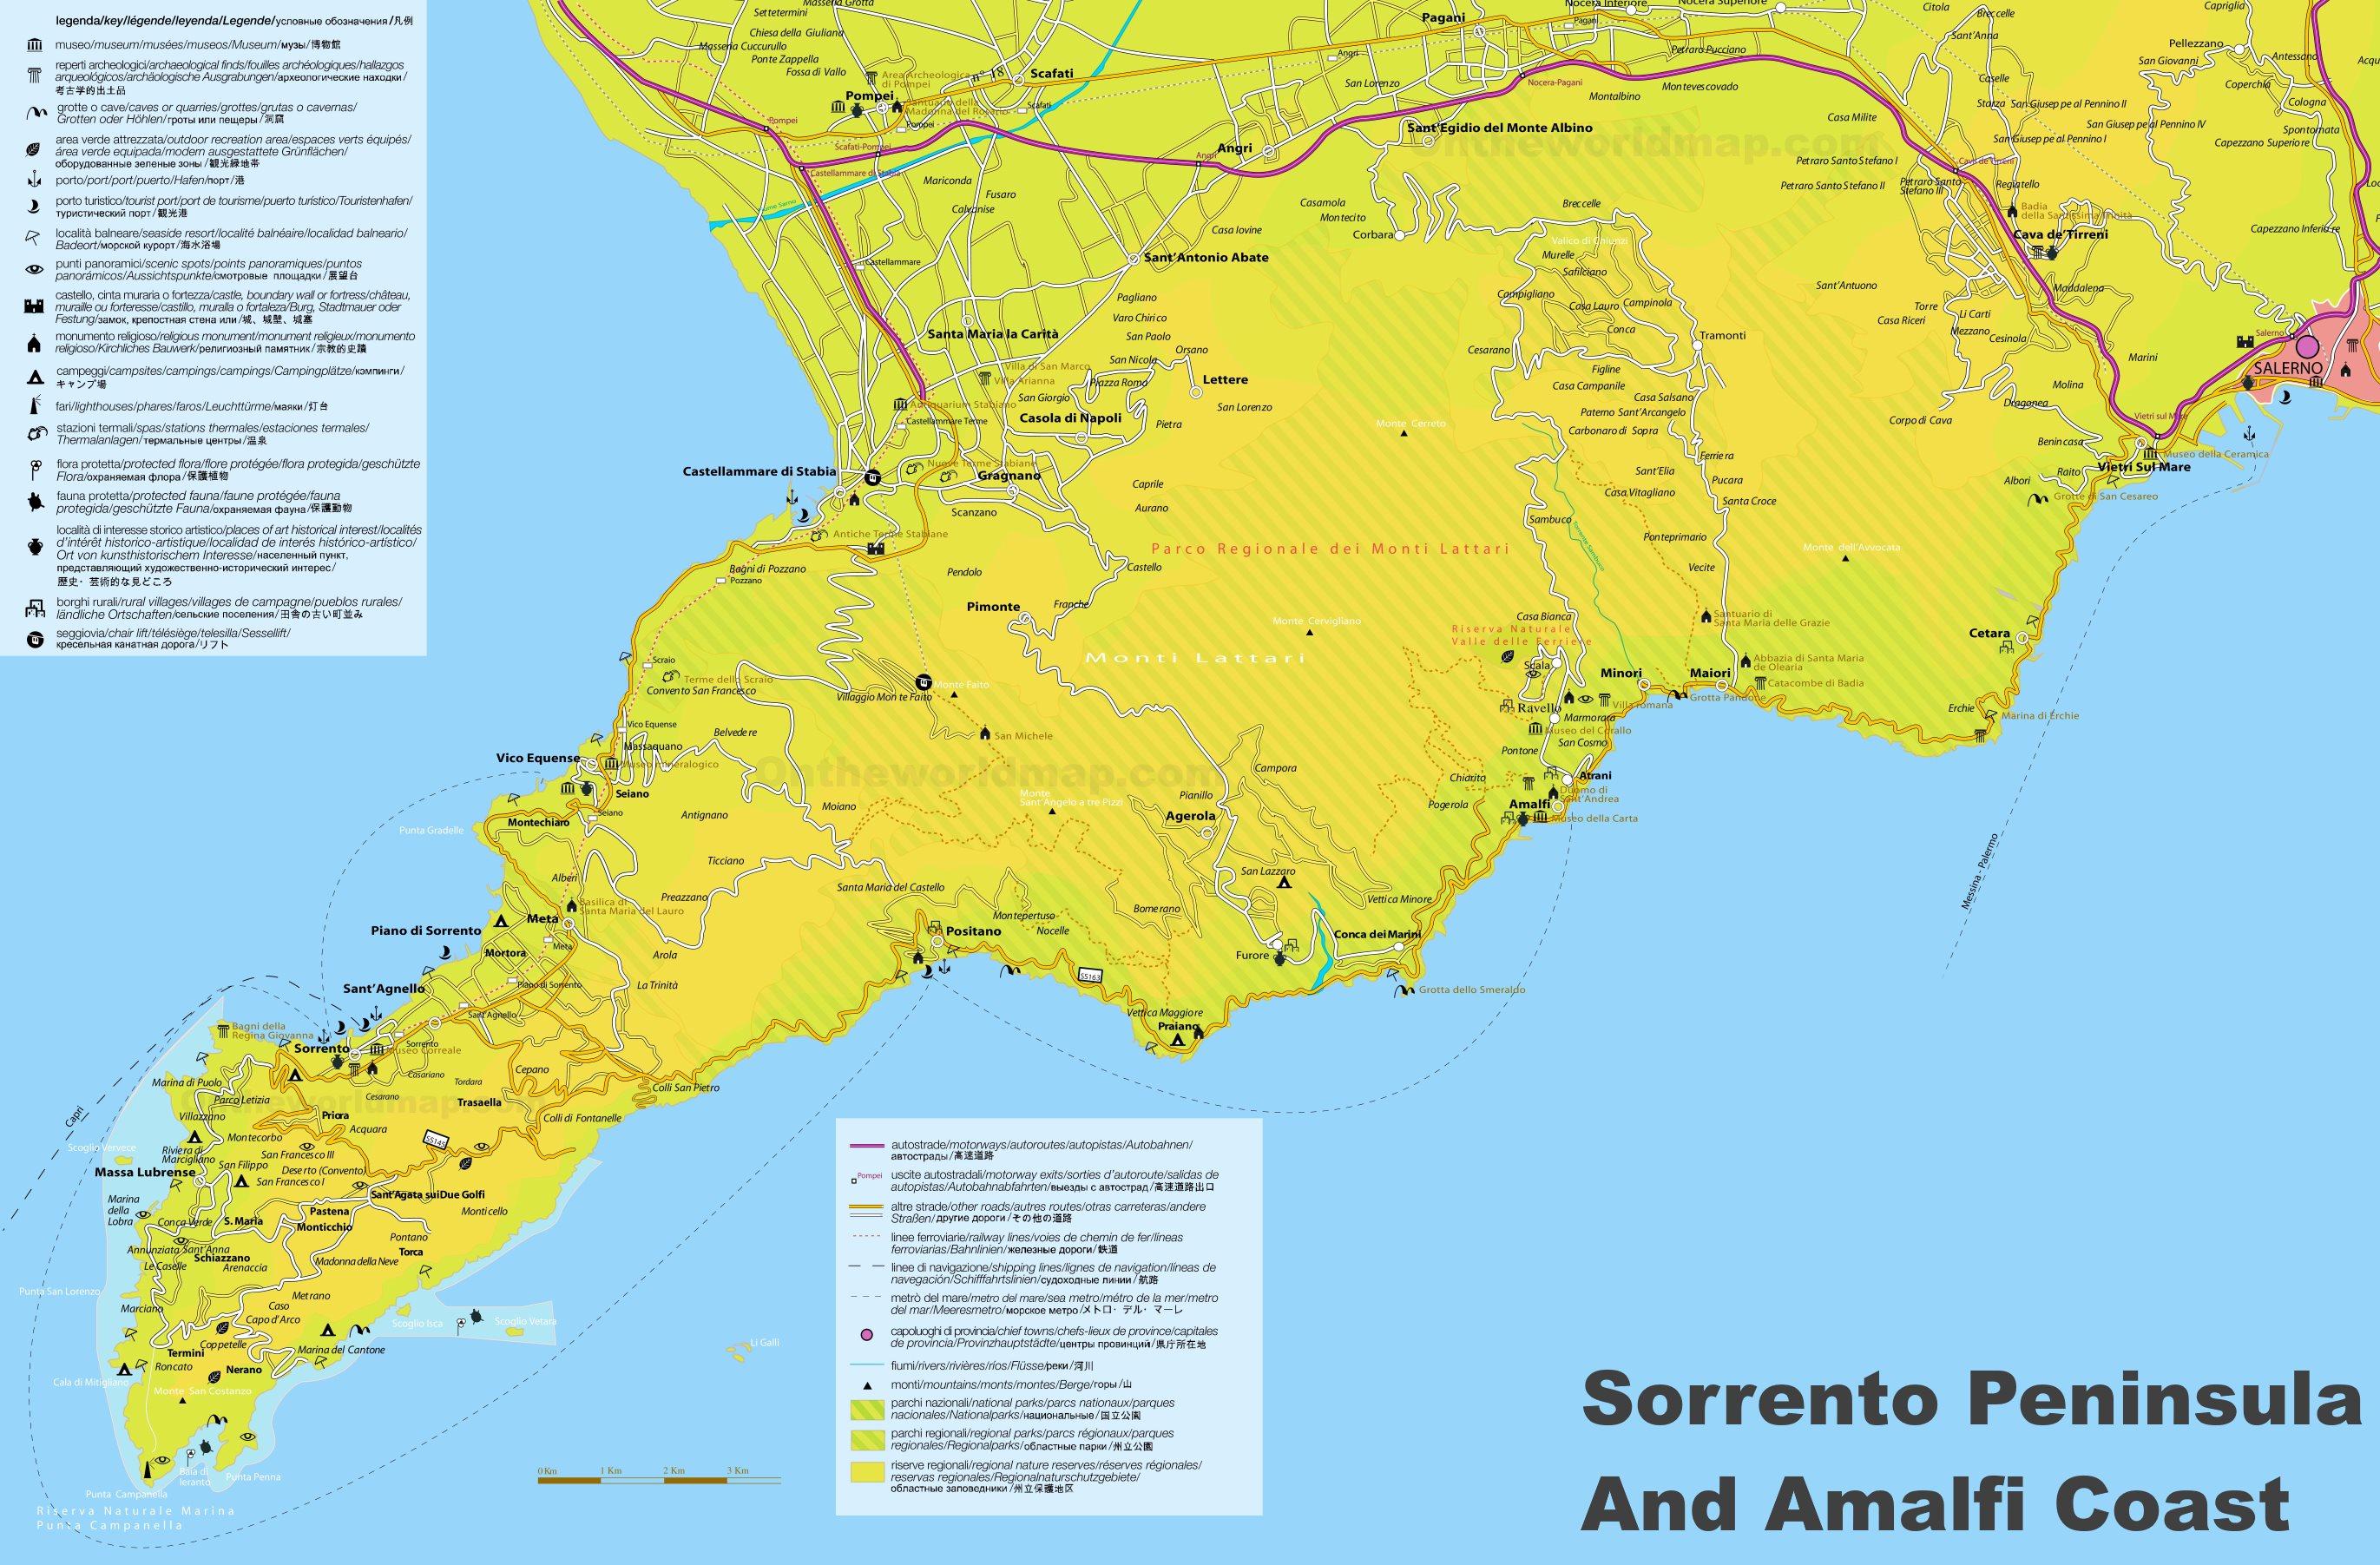 Tour Costiera Amalfitana Cartina.Costiera Amalfitana Mappa Turistica